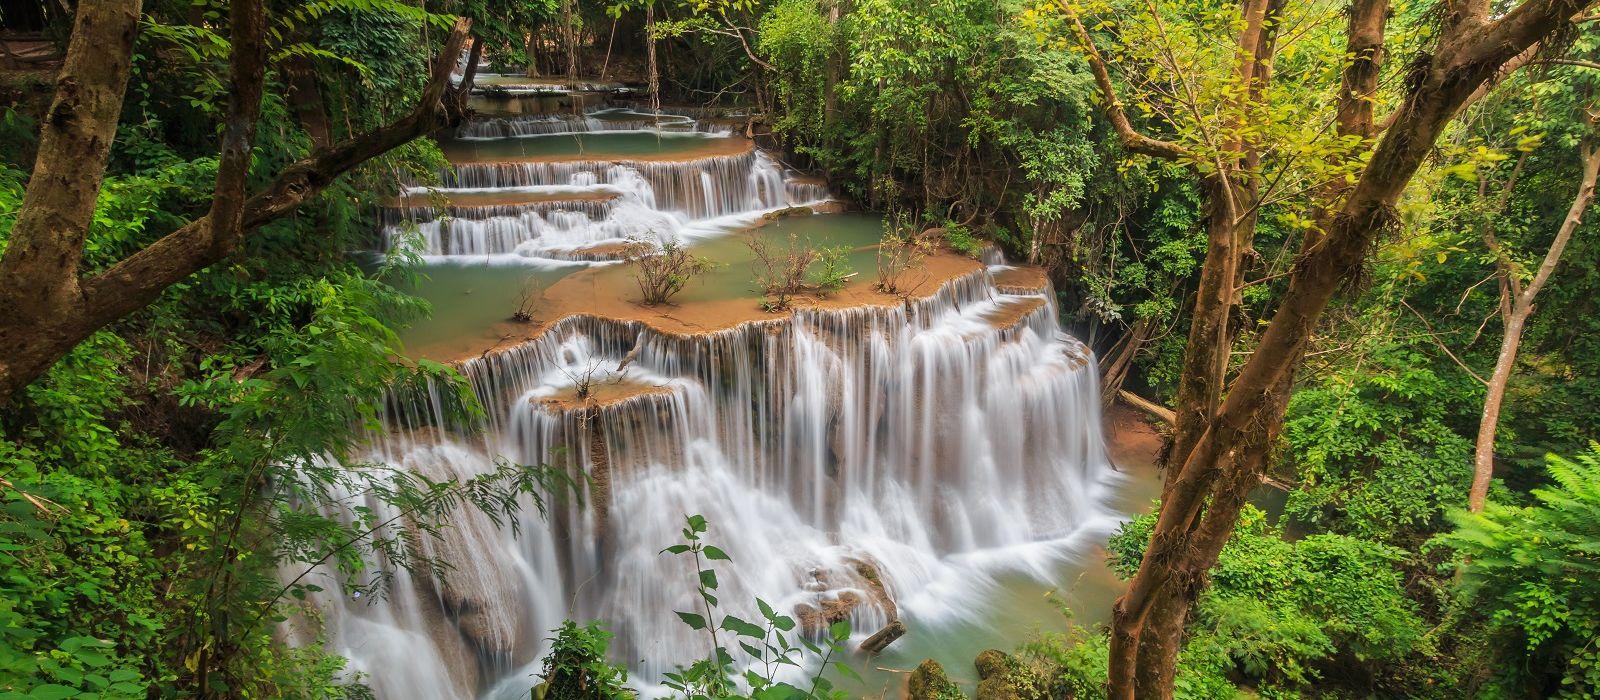 Thailand abseits ausgetretener Pfade Urlaub 3